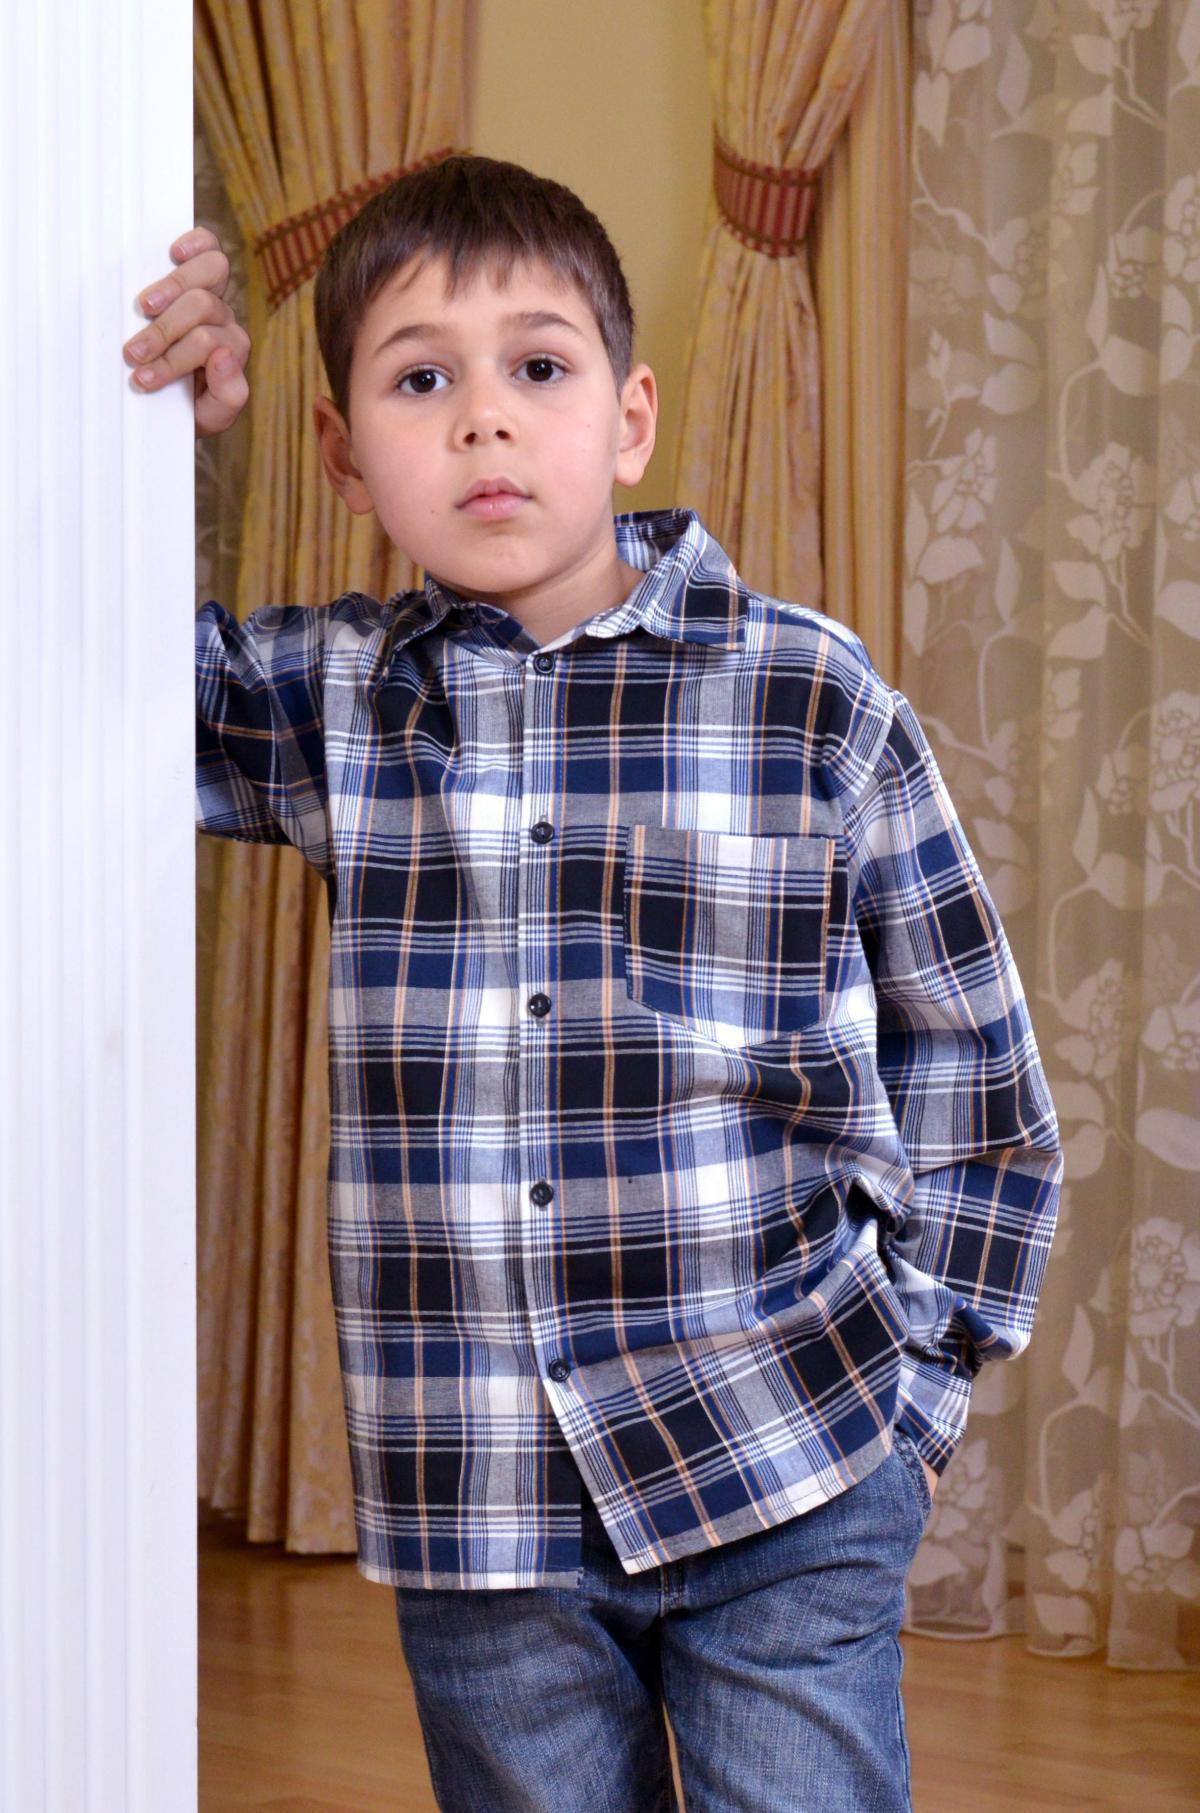 Дет. рубашка арт. 18-0092 р. 32Распродажа товаров<br><br><br>Тип: Дет. рубашка<br>Размер: 32<br>Материал: Фуле